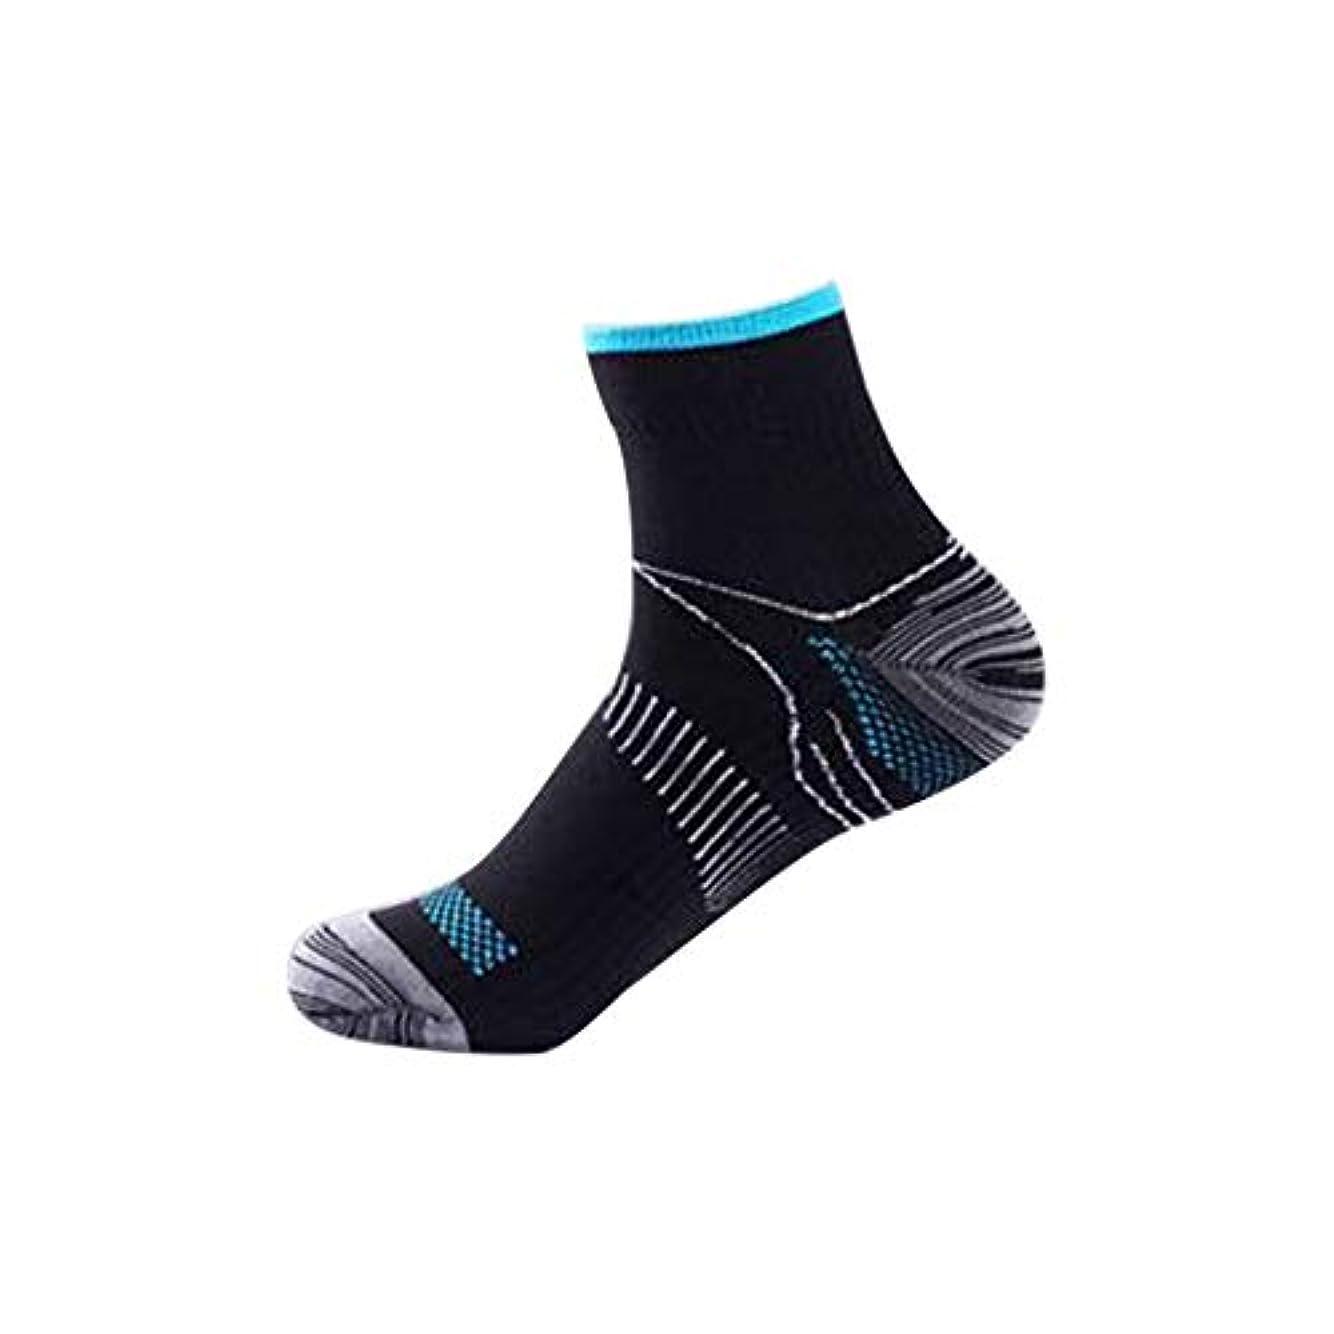 落とし穴ドループ切り刻む快適な男性の女性の膝の靴下のサポートストレッチ通気性の靴下の下の短いストレッチ圧縮の靴下(Color:black&blue)(Size:S/M)